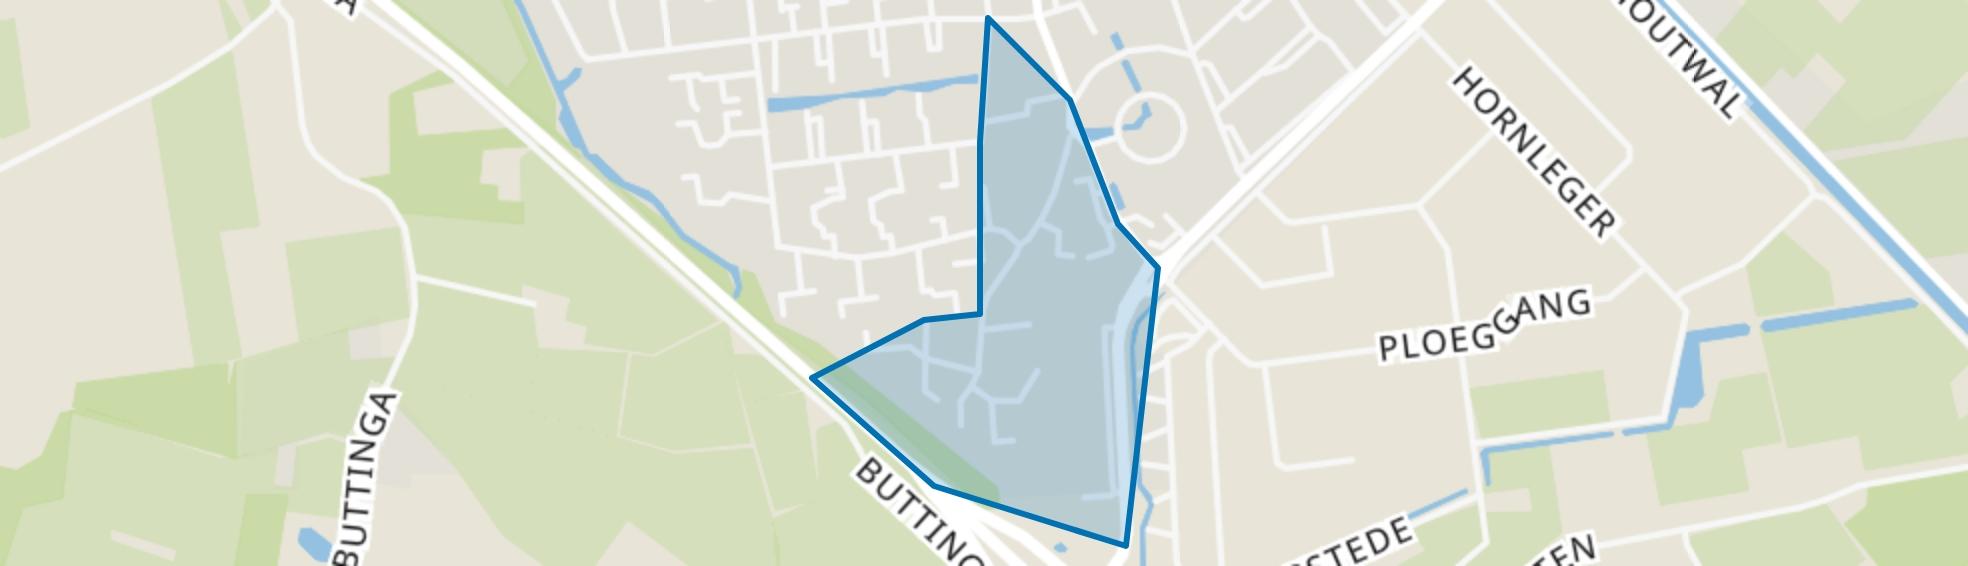 Oosterwolde-Snellingerdijk, Oosterwolde (FR) map